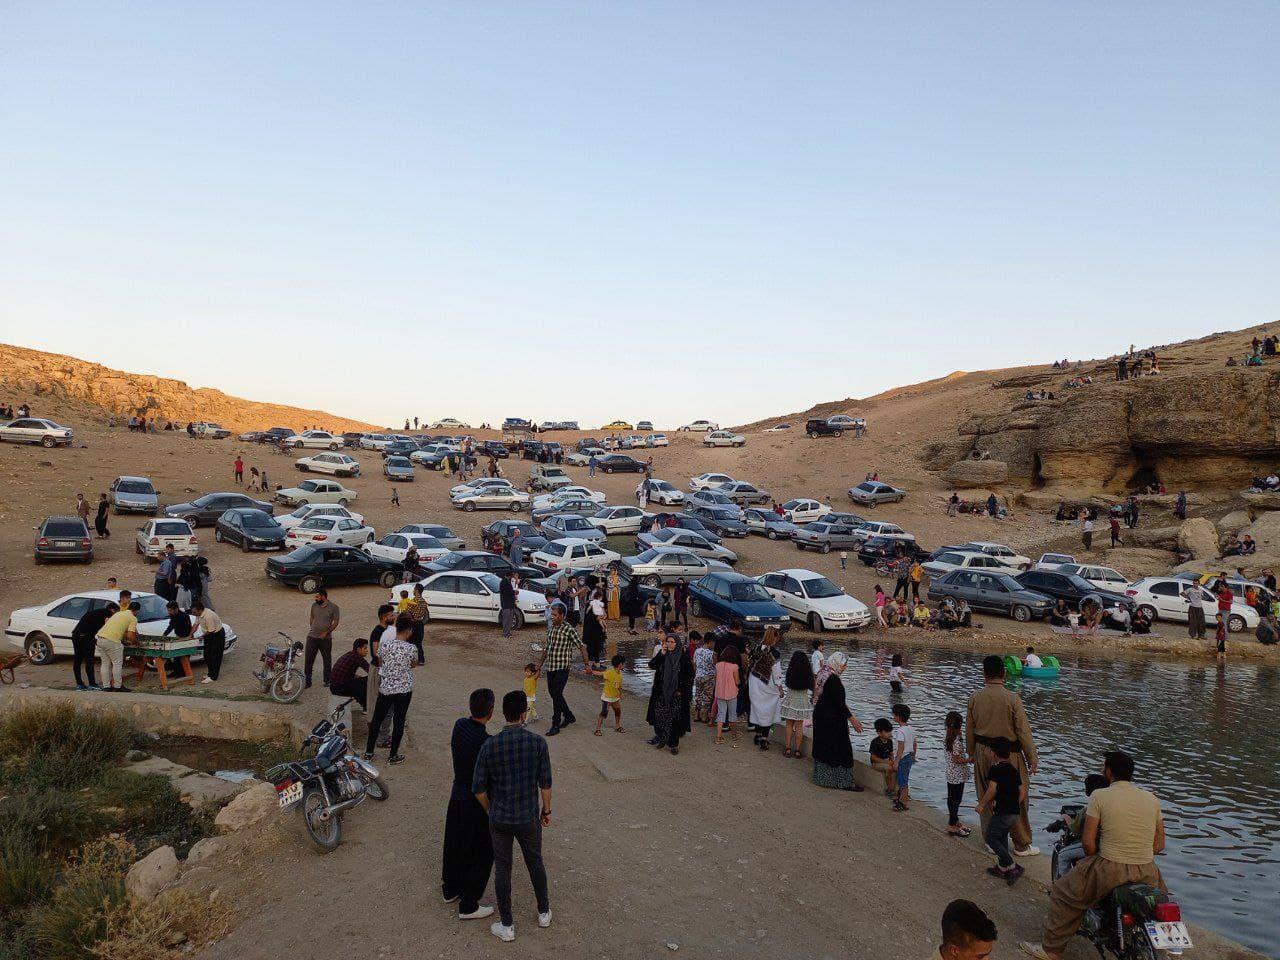 بی توجهی به روستای سەرچاوە برند بستنی سنتی در کوردستان